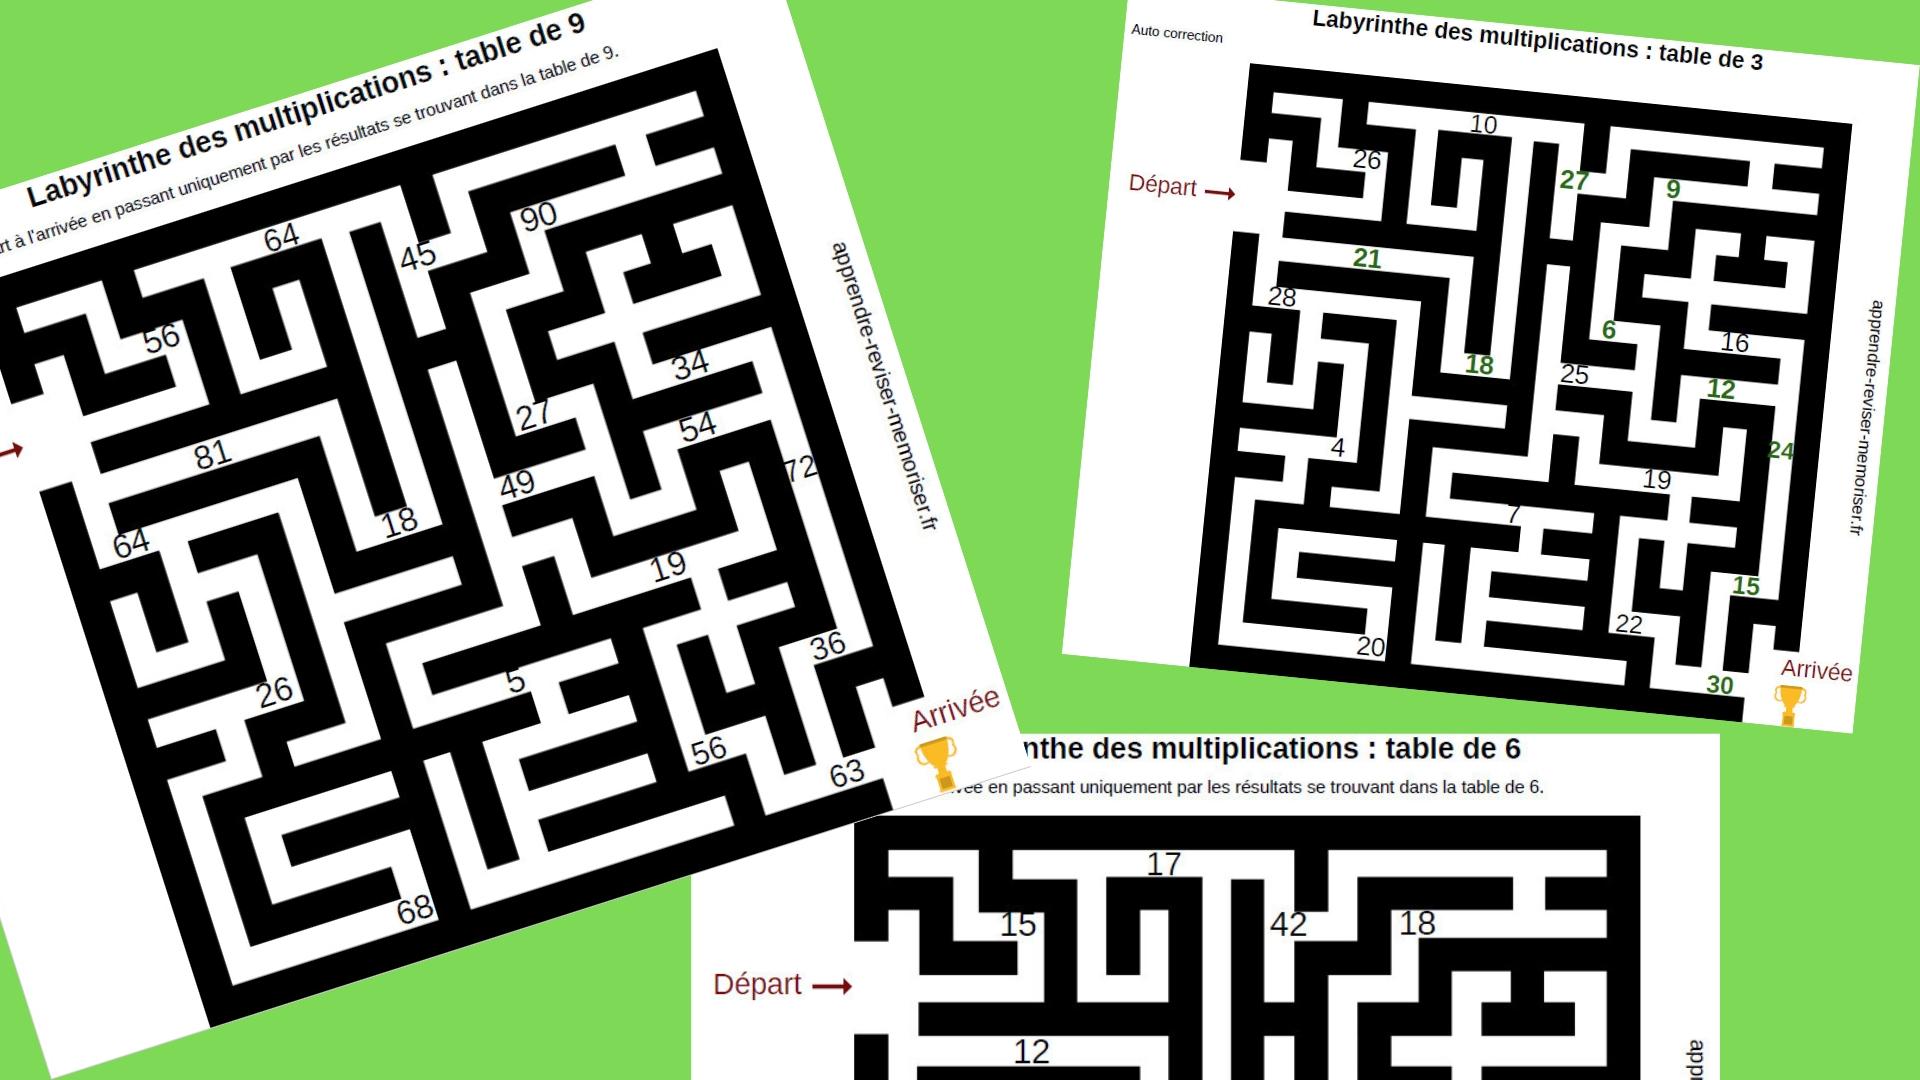 Labyrinthes des multiplications : réviser les tables de